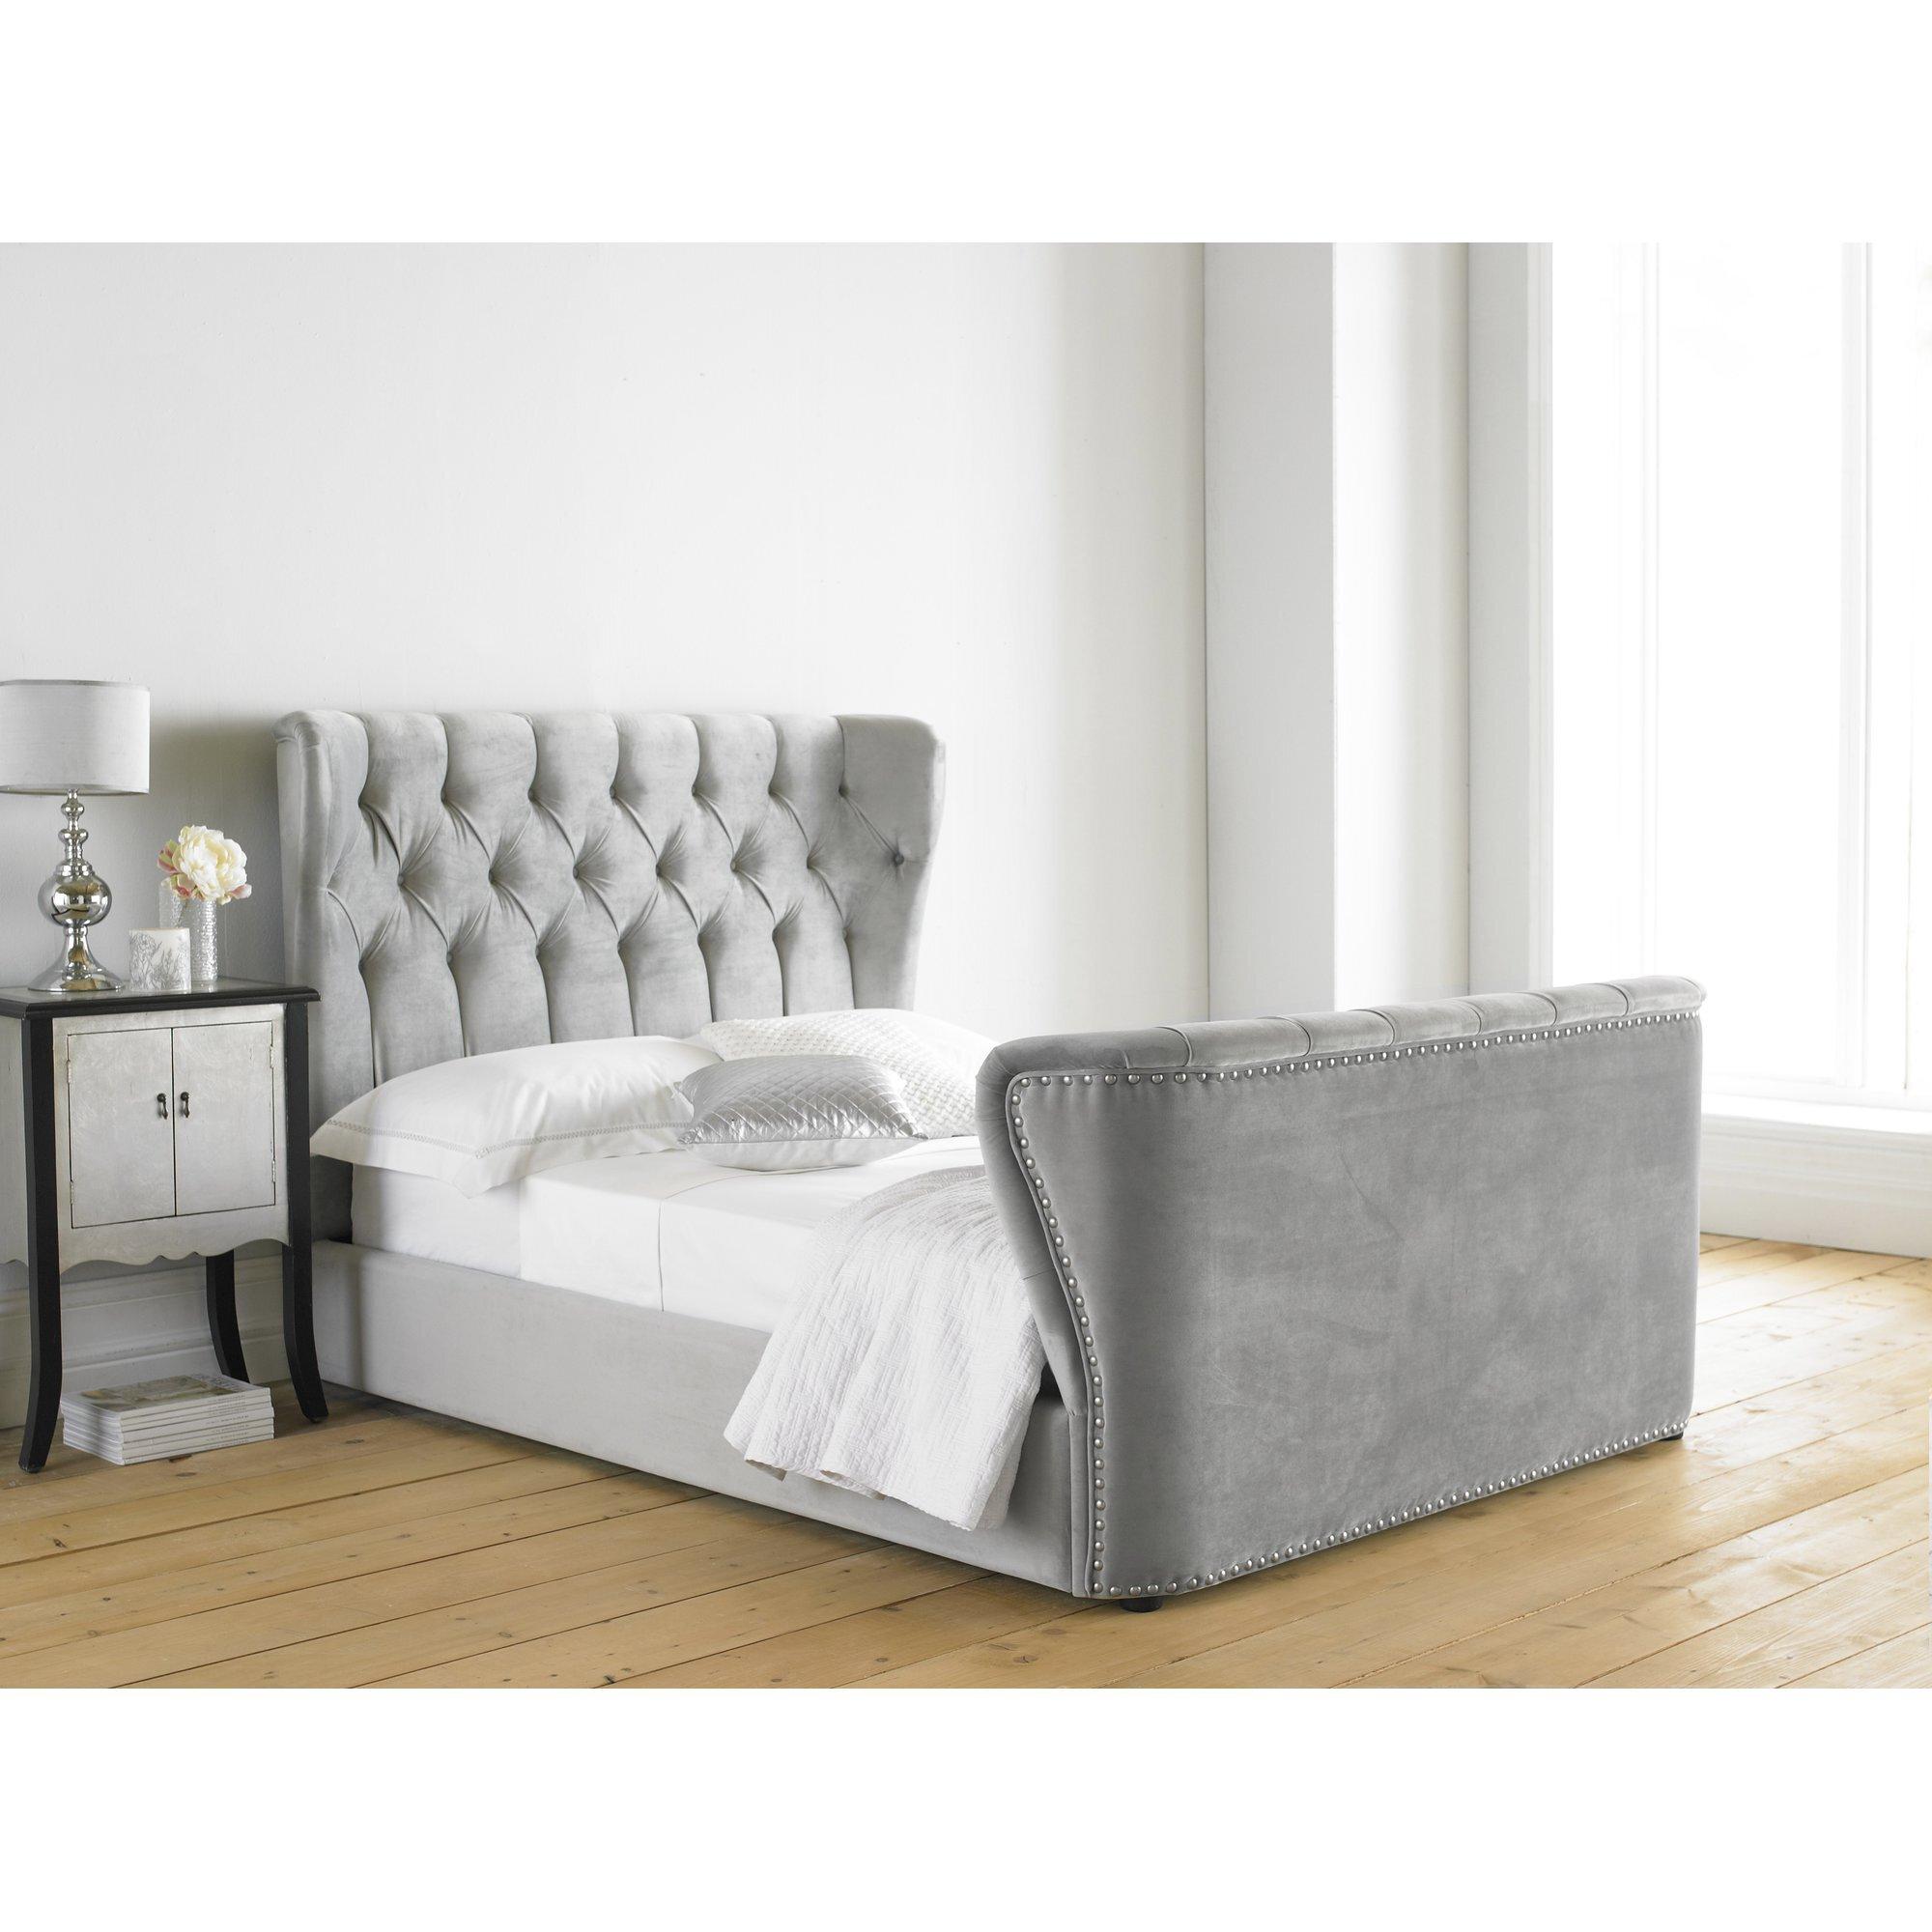 Symple Stuff Copenhagen Upholstered Bed Frame | Wayfair.co.uk